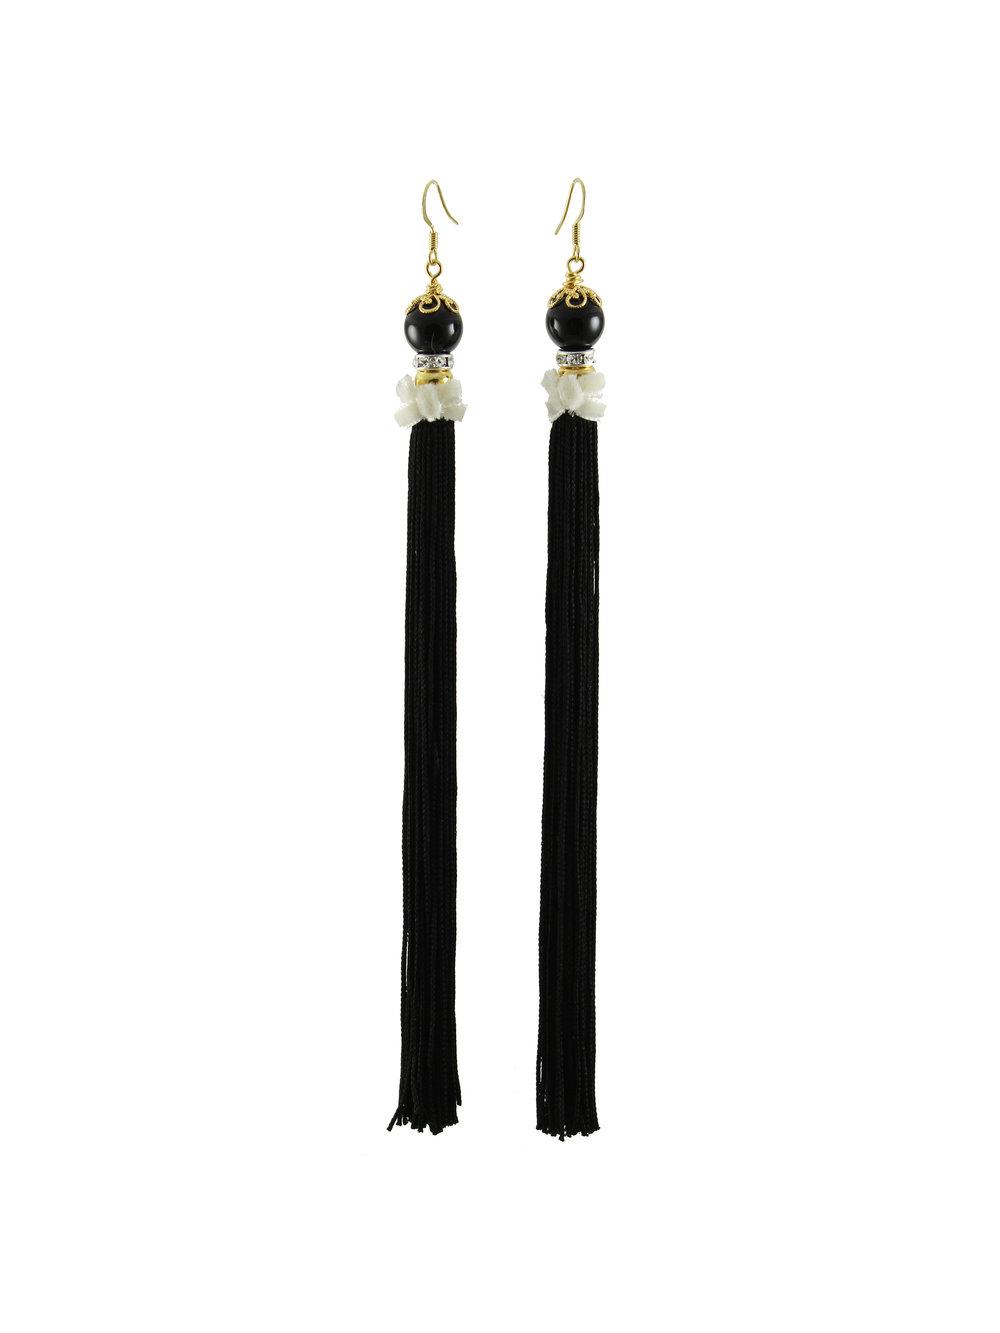 067B - Pearl & Tassel Earrings - Black.jpg